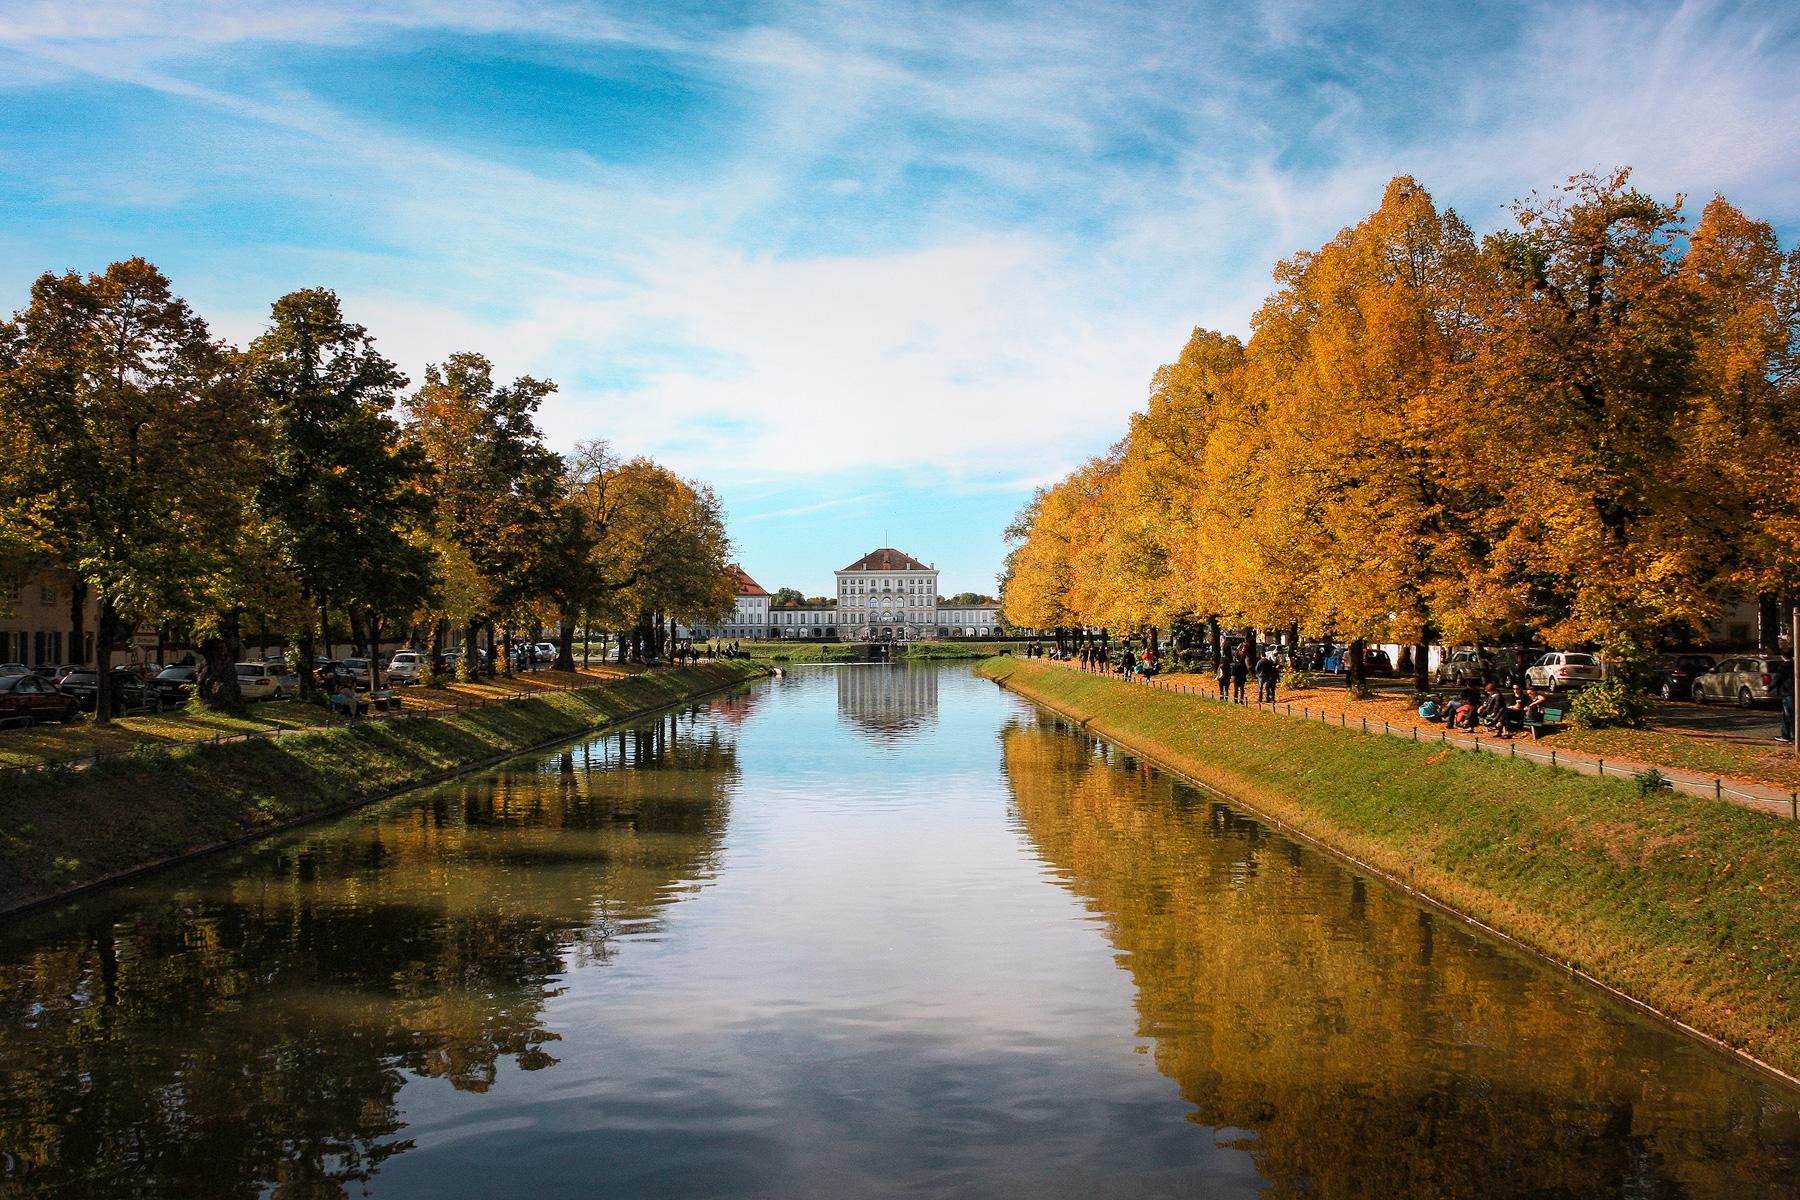 München, Schloss Nymphenburg, Kanal, Spiegelung